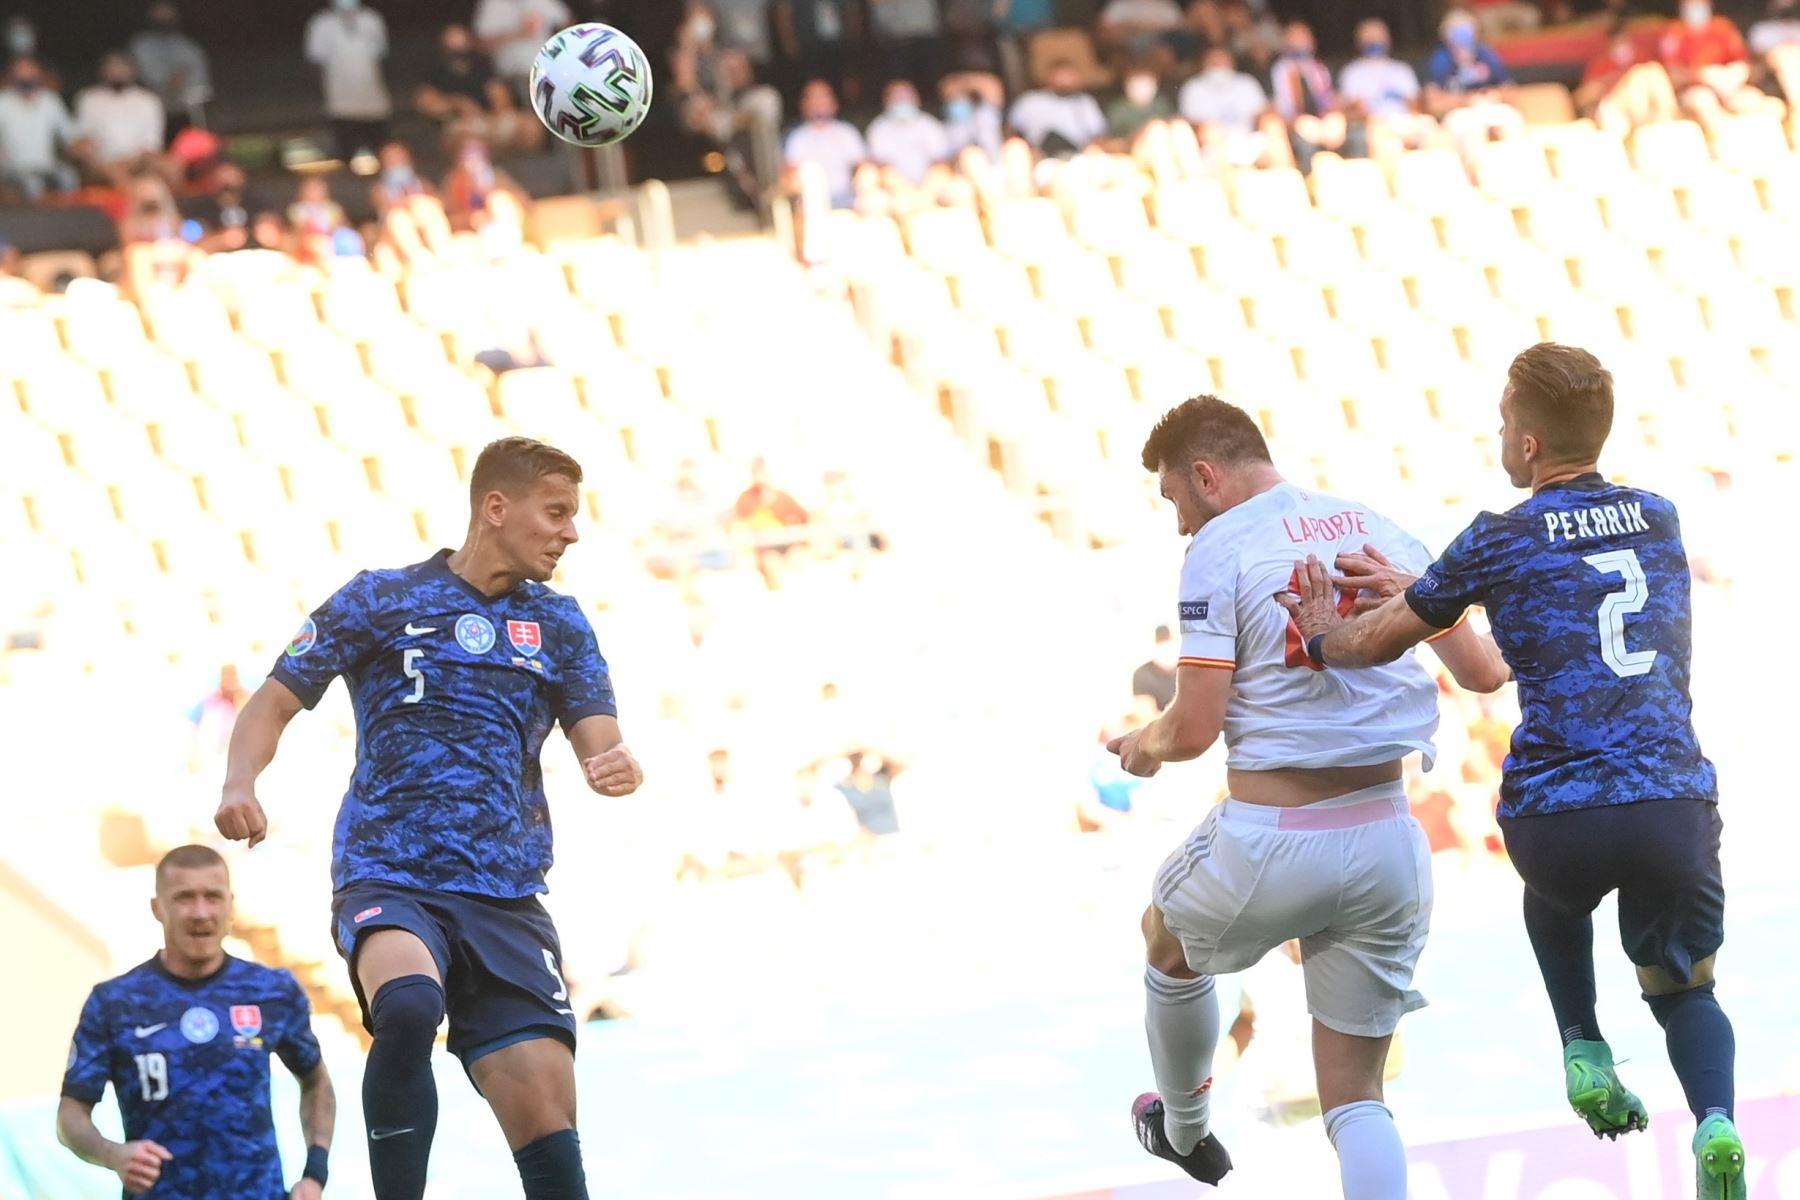 El español Aymeric Laporte marca el segundo gol del equipo durante el partido por la ronda preliminar del grupo E de la UEFA EURO 2020, en Sevilla, España. Foto: EFE